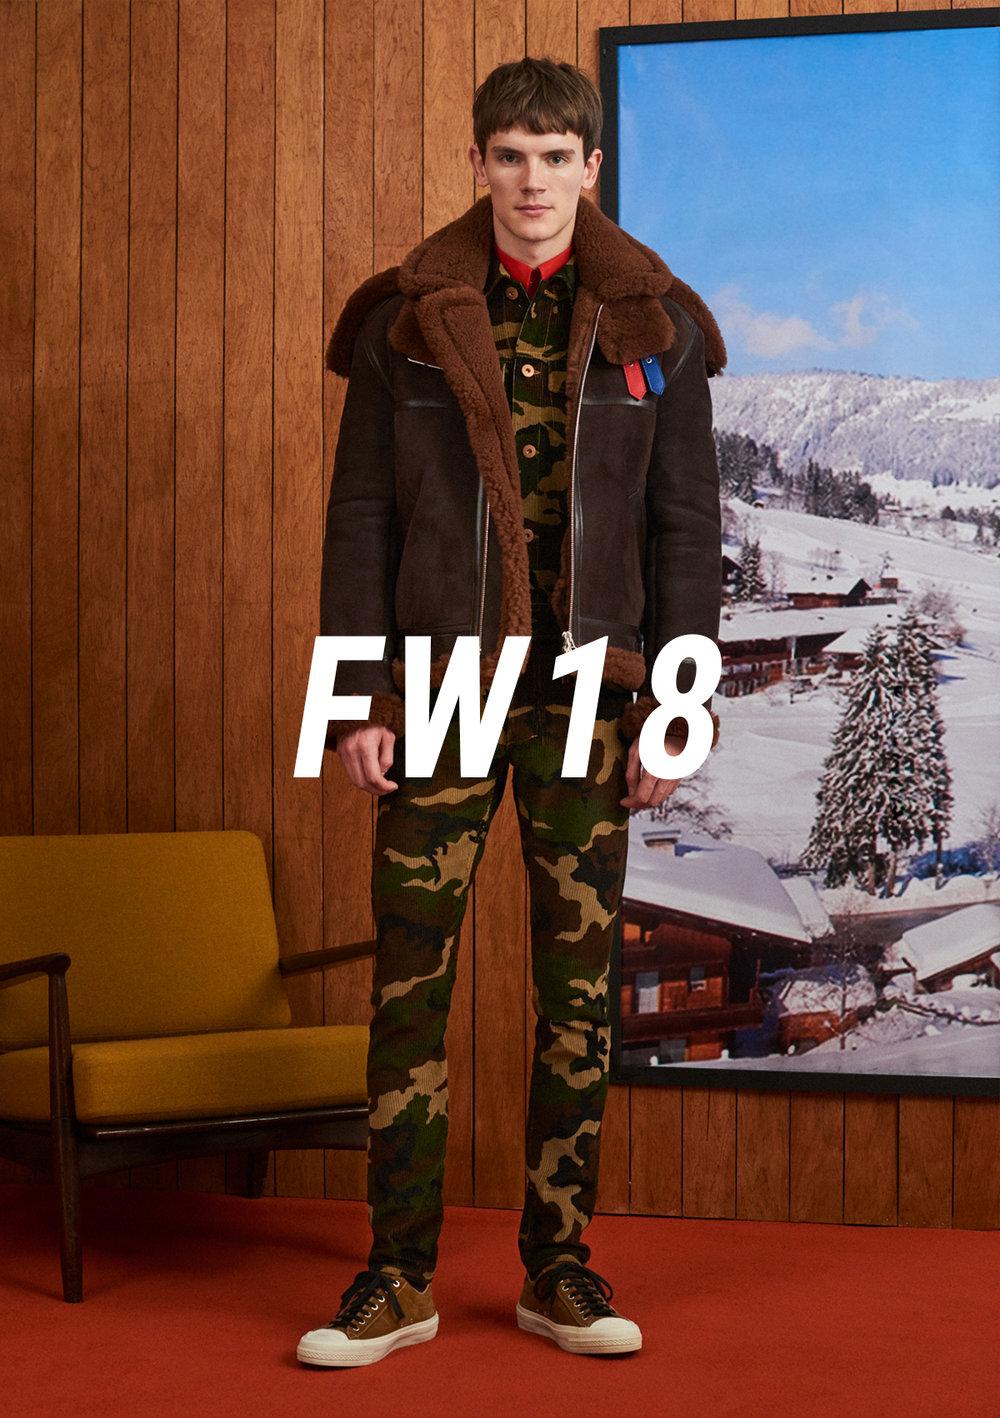 FW18.jpg